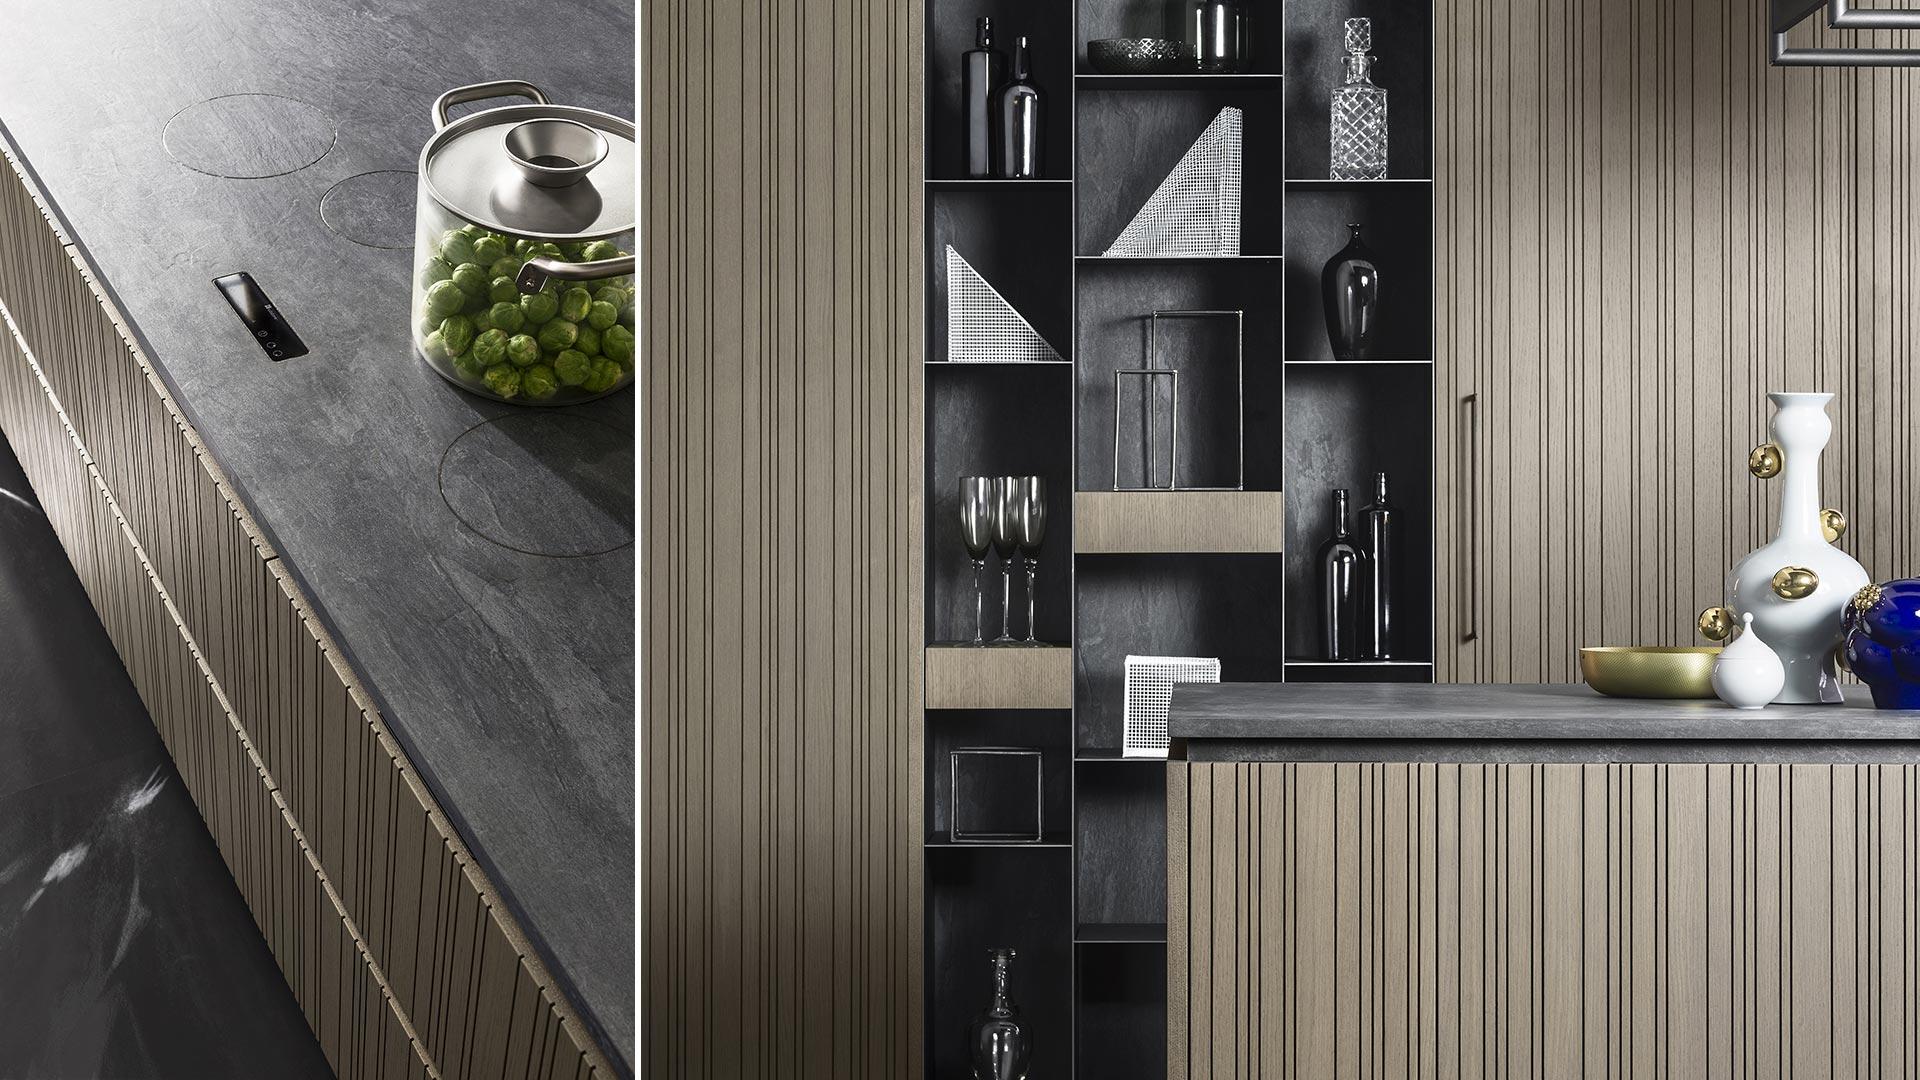 Cucina con isola e cucina il legno collezione RUA - TM_MI2018_Rua_002